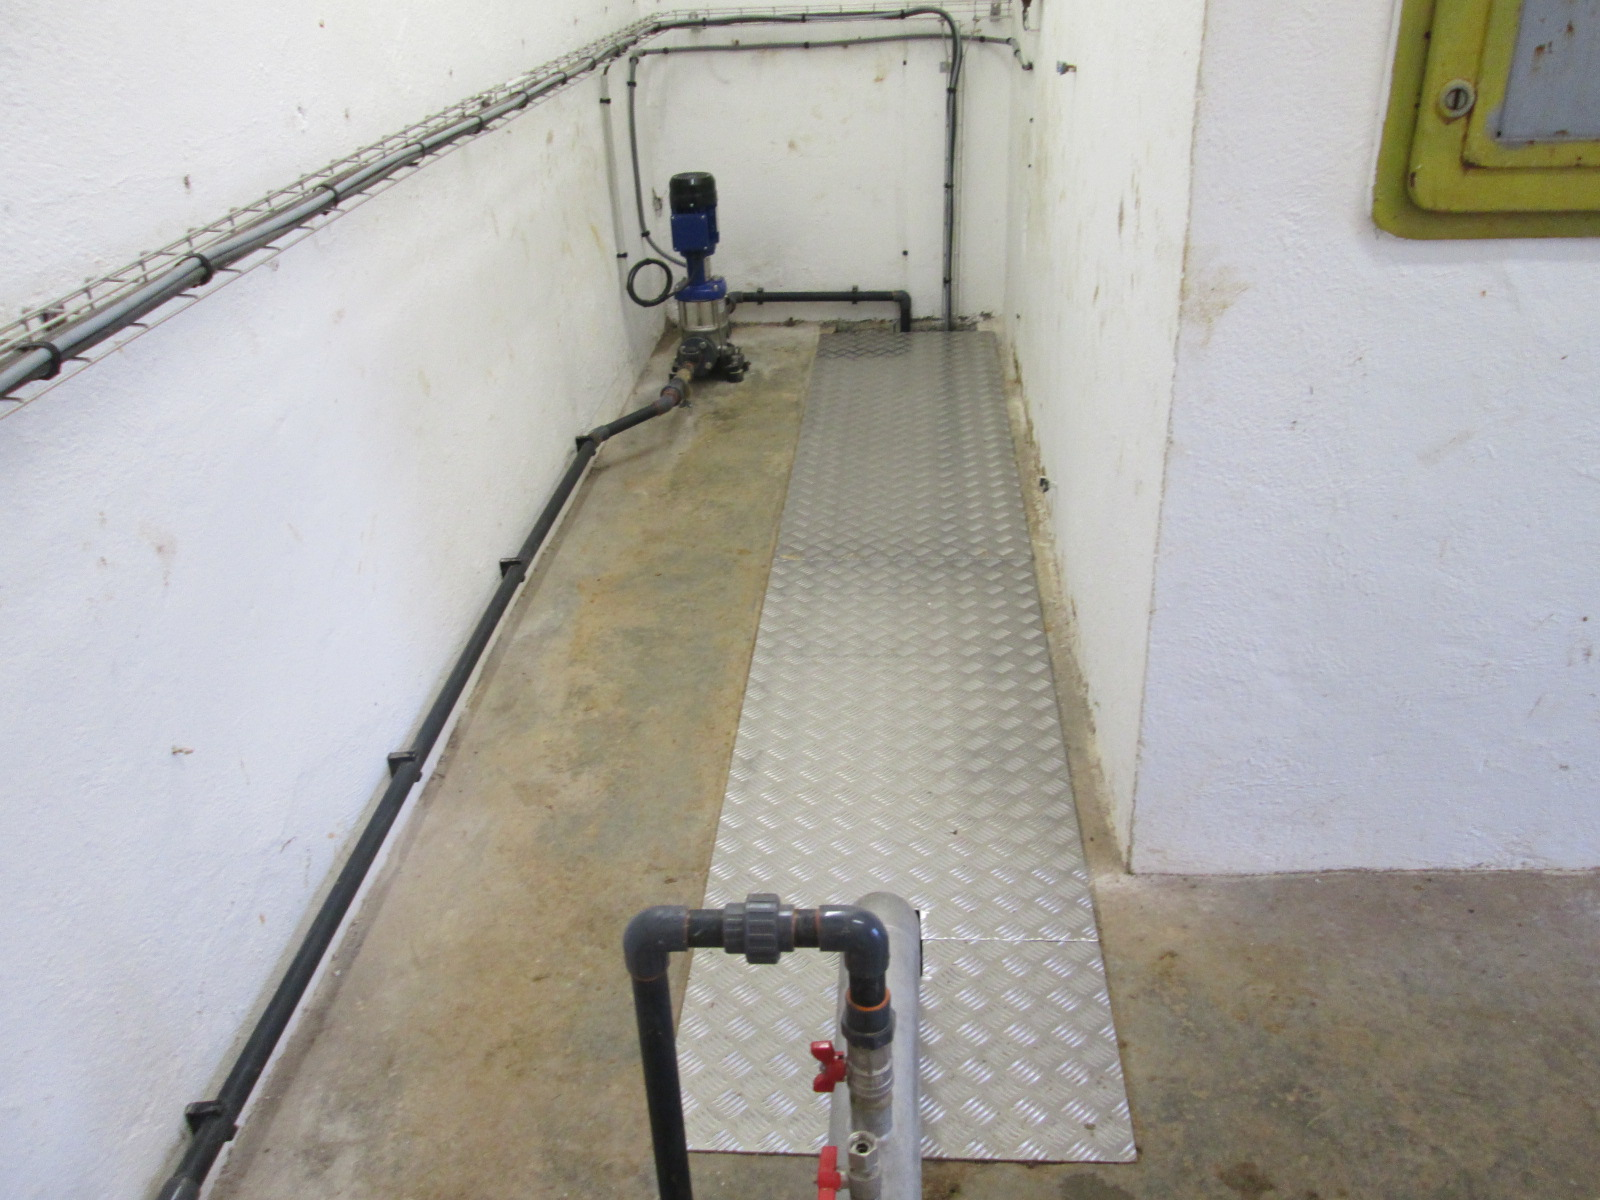 Surpresseur eau potable chaumont semoutiers edgard duval for Prix forage eau potable